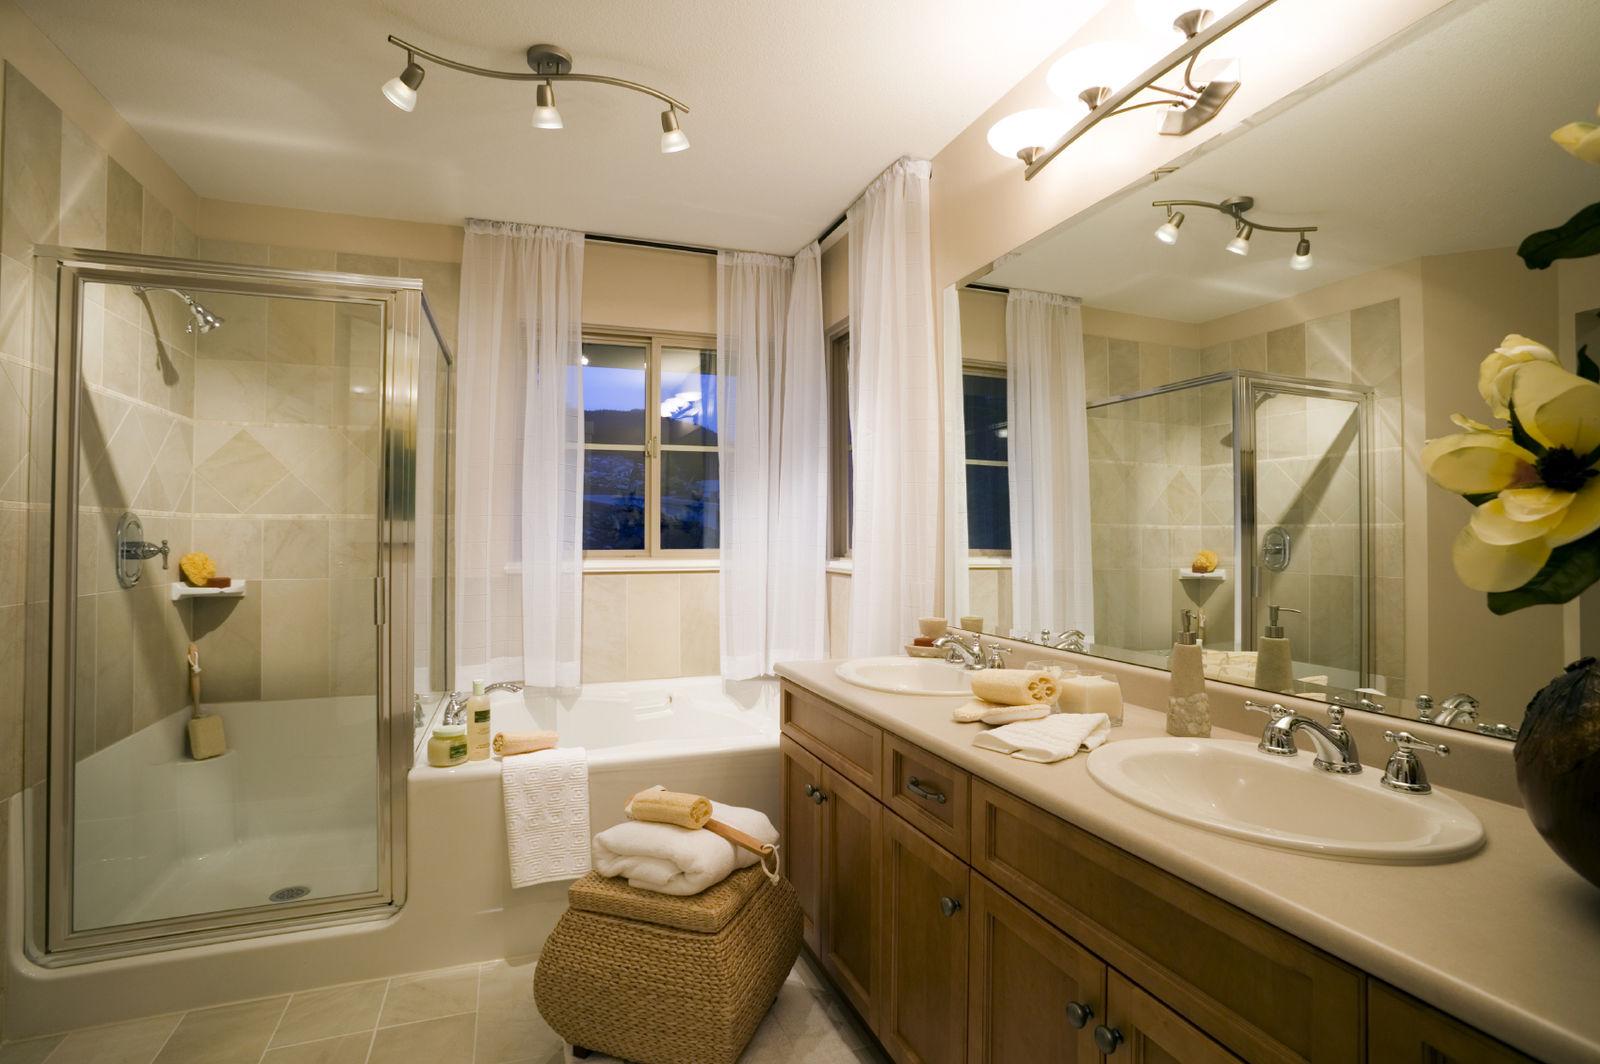 Если площадь ванной позволяет, можно установить как душевую кабину, так и полноценную ванну